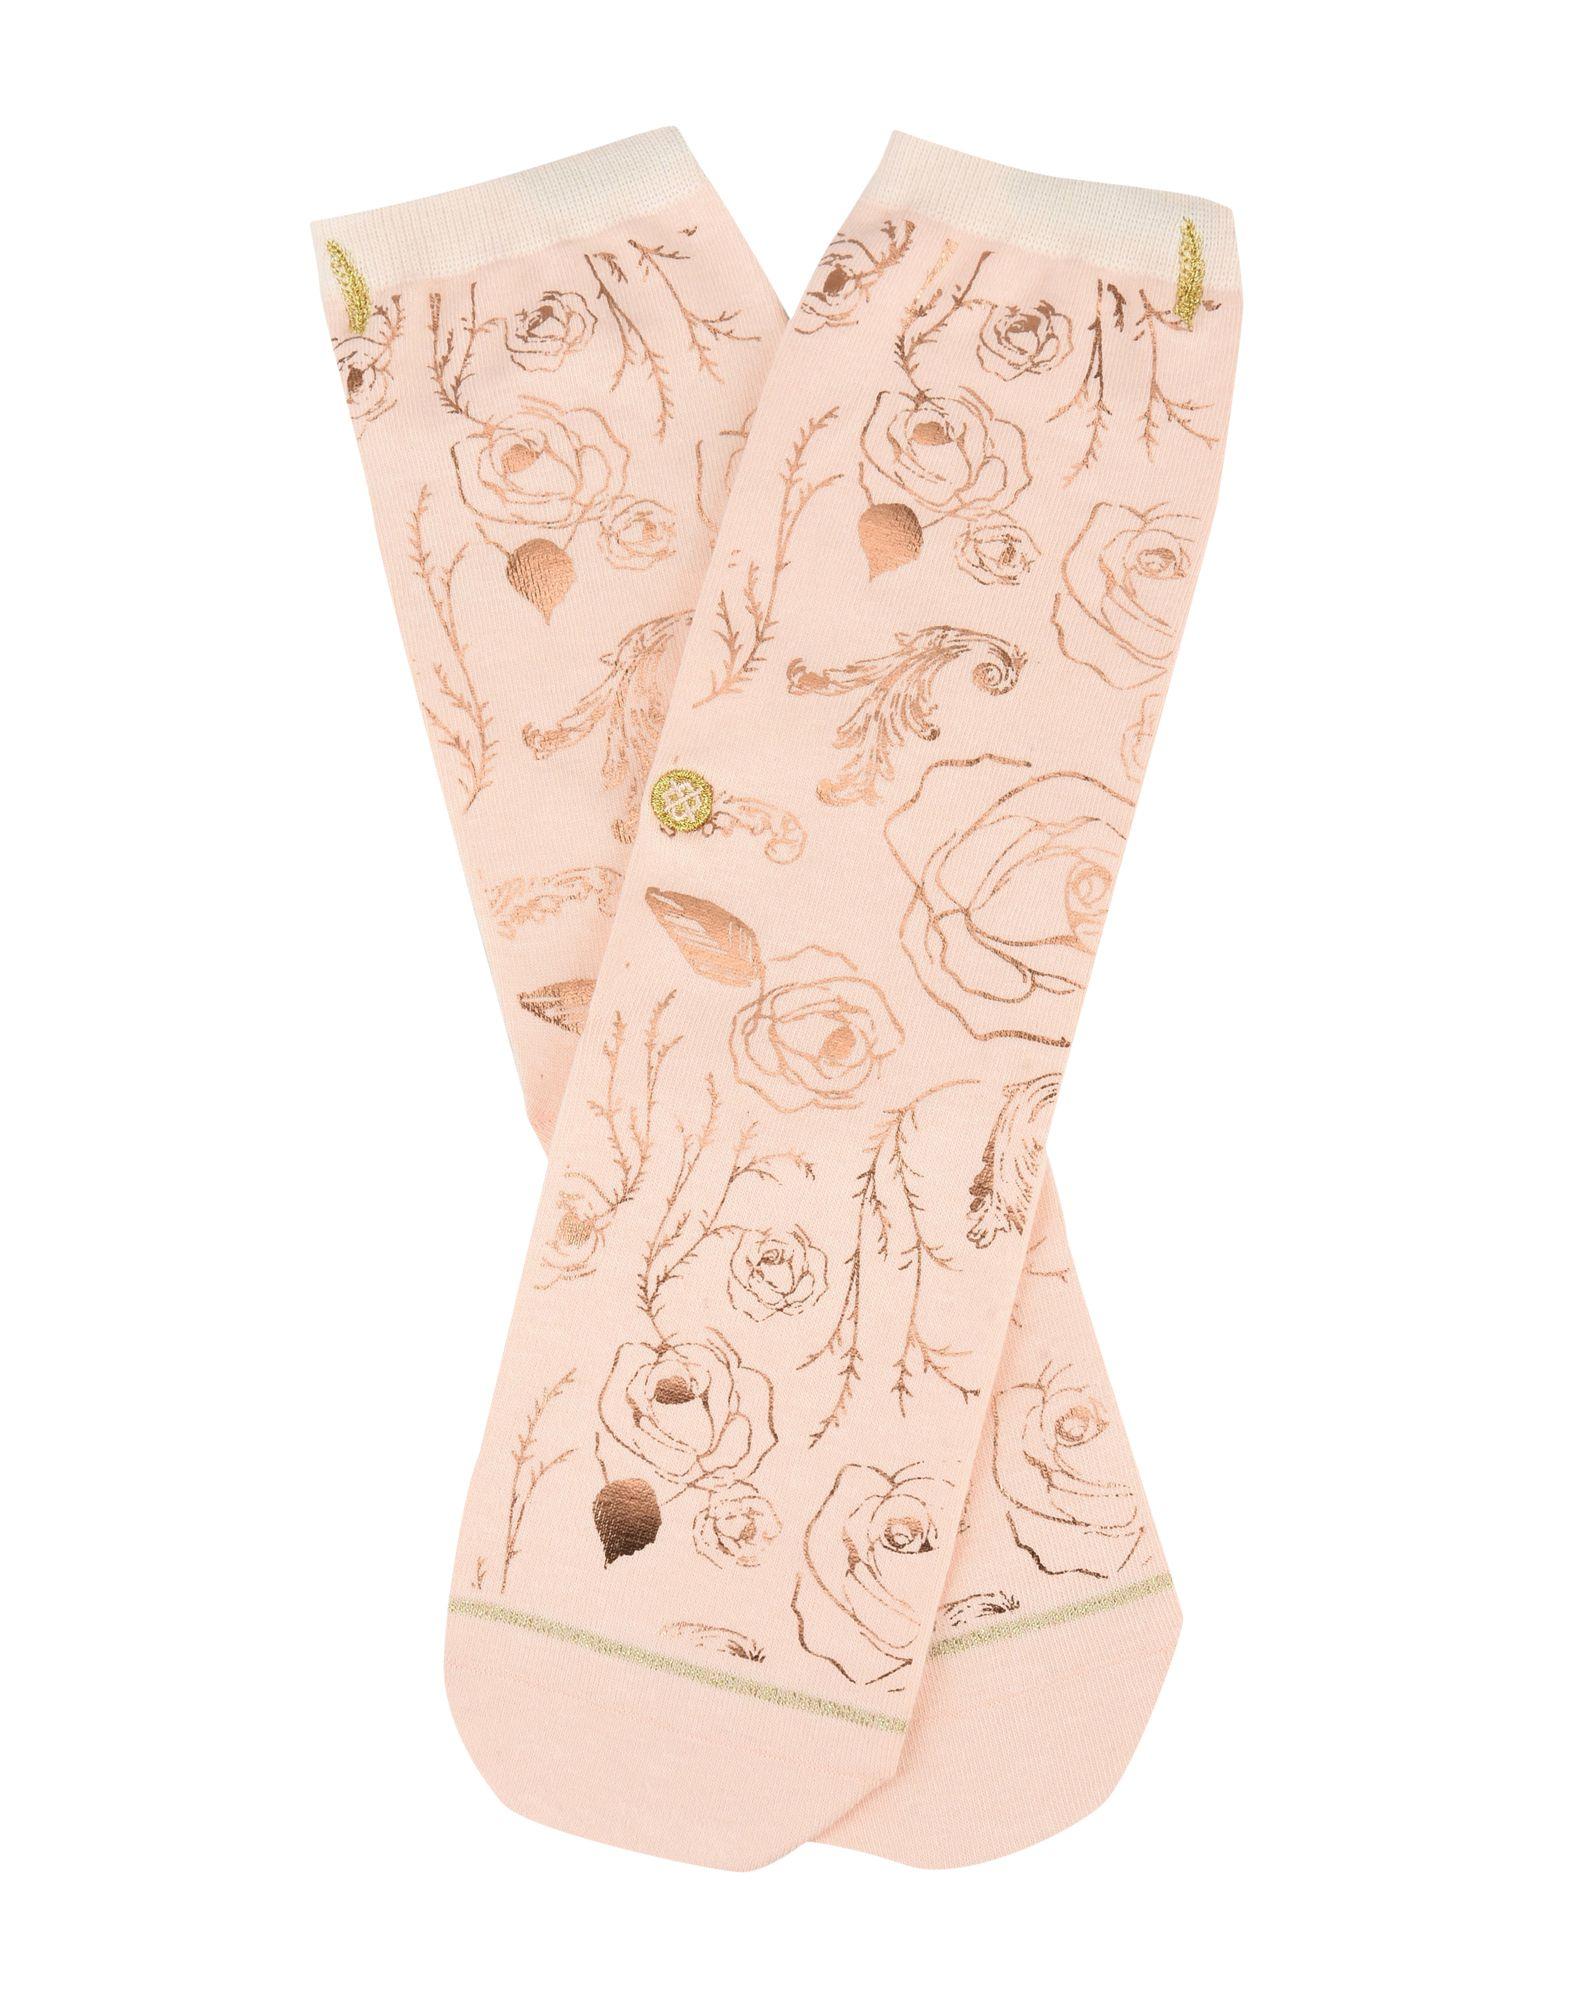 Мода. STANCE носки, 1640руб